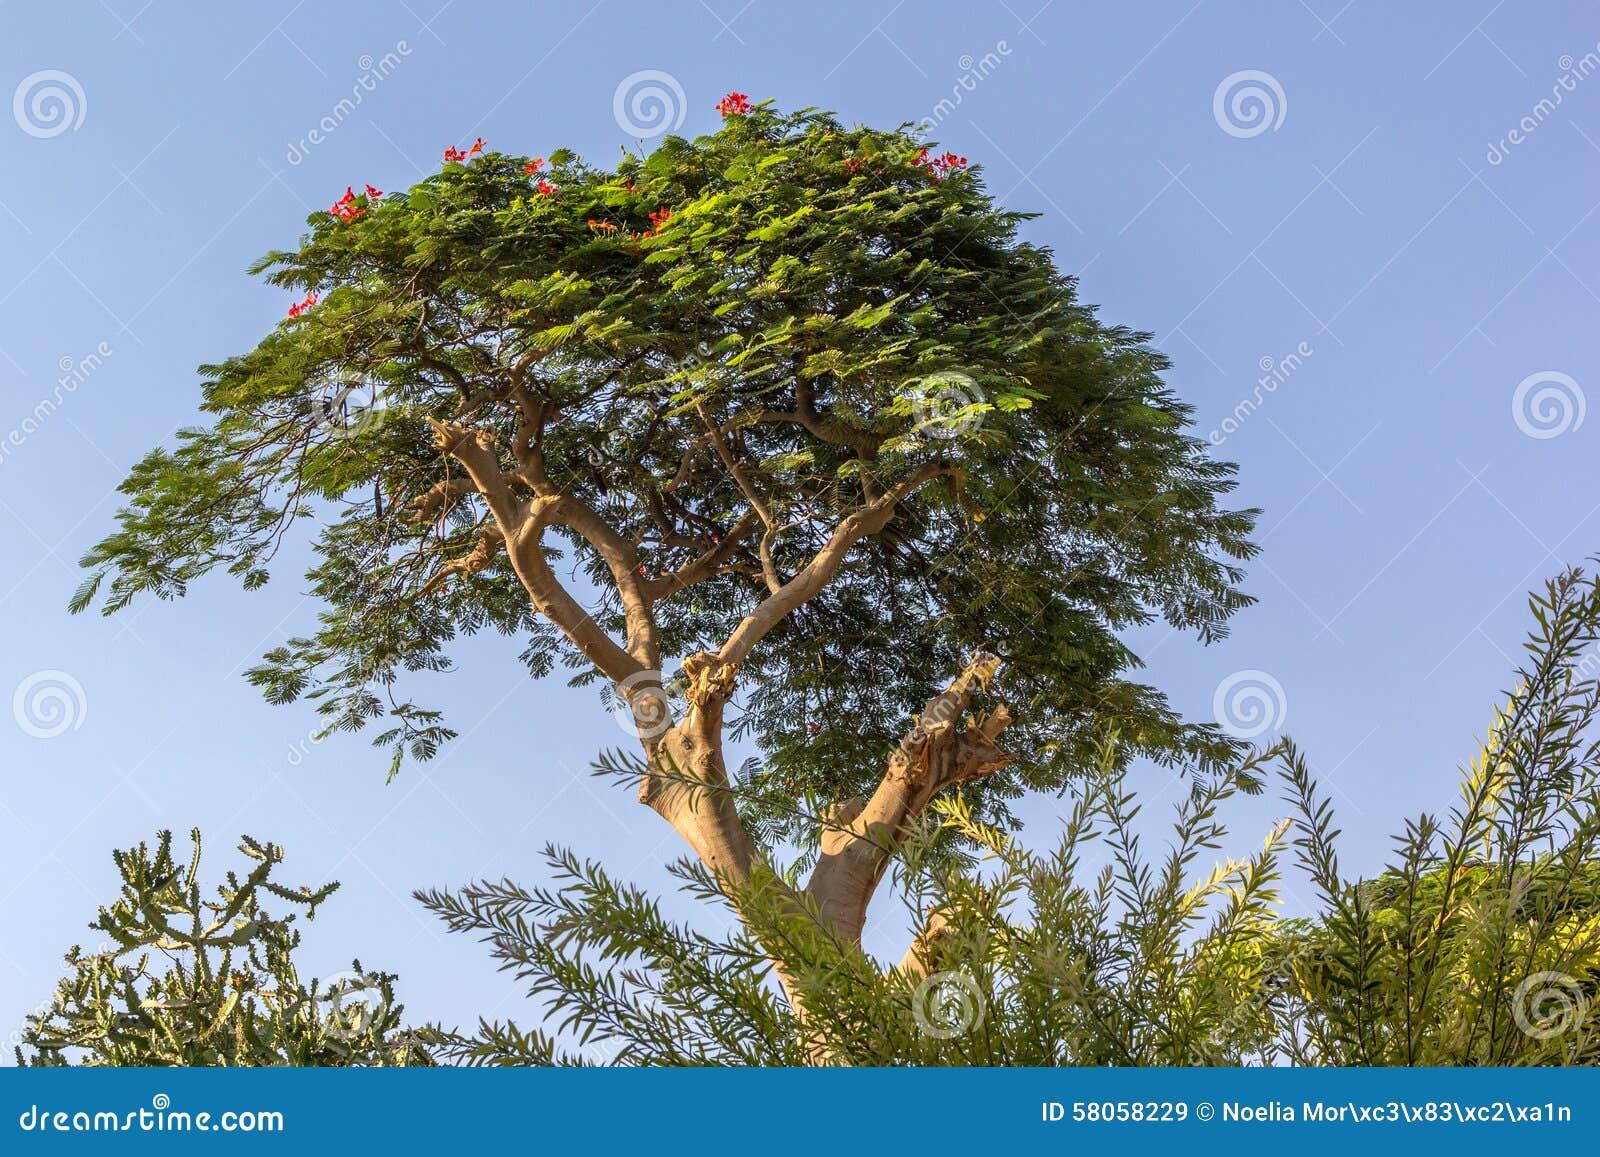 Albero egiziano con i fiori rossi immagine stock for Albero con fiori blu